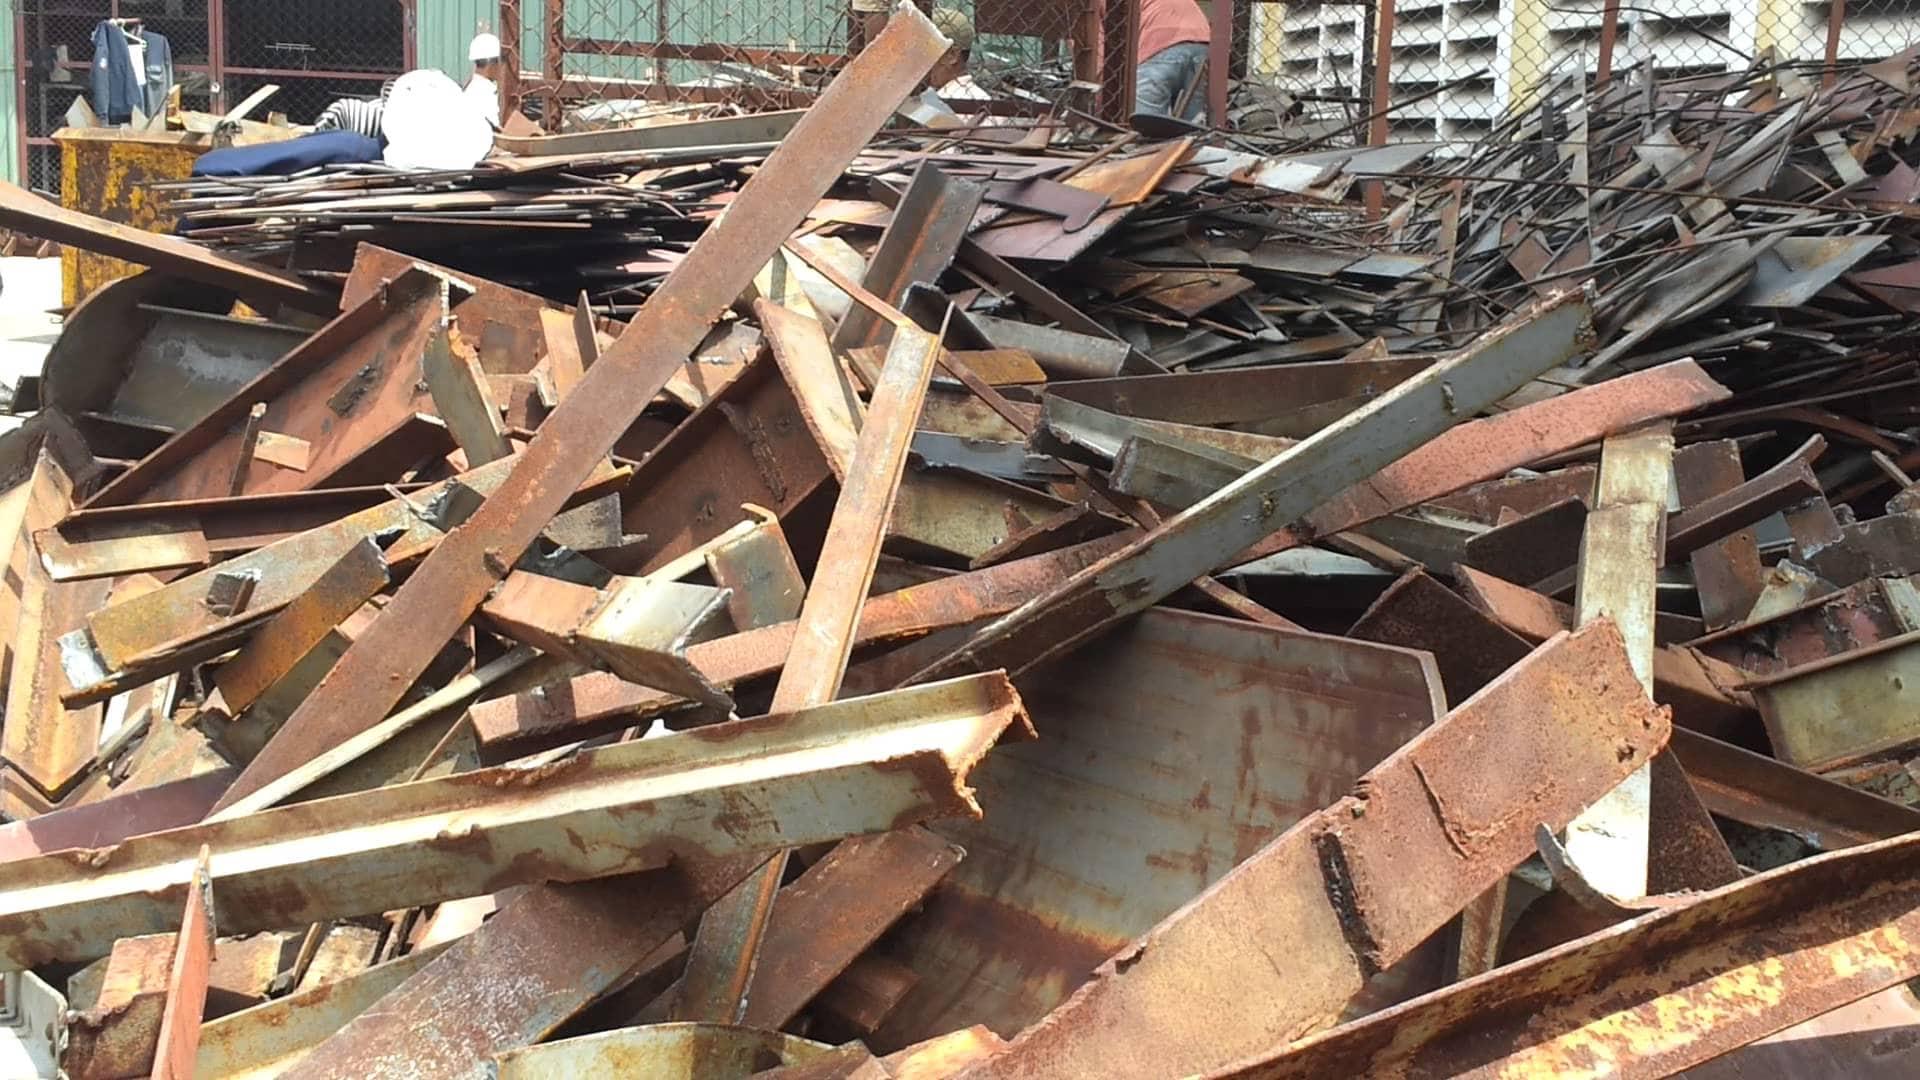 thu-mua-phe-lieu-sat Thu mua phế liệu sắt thép giá cao tại TP.HCM